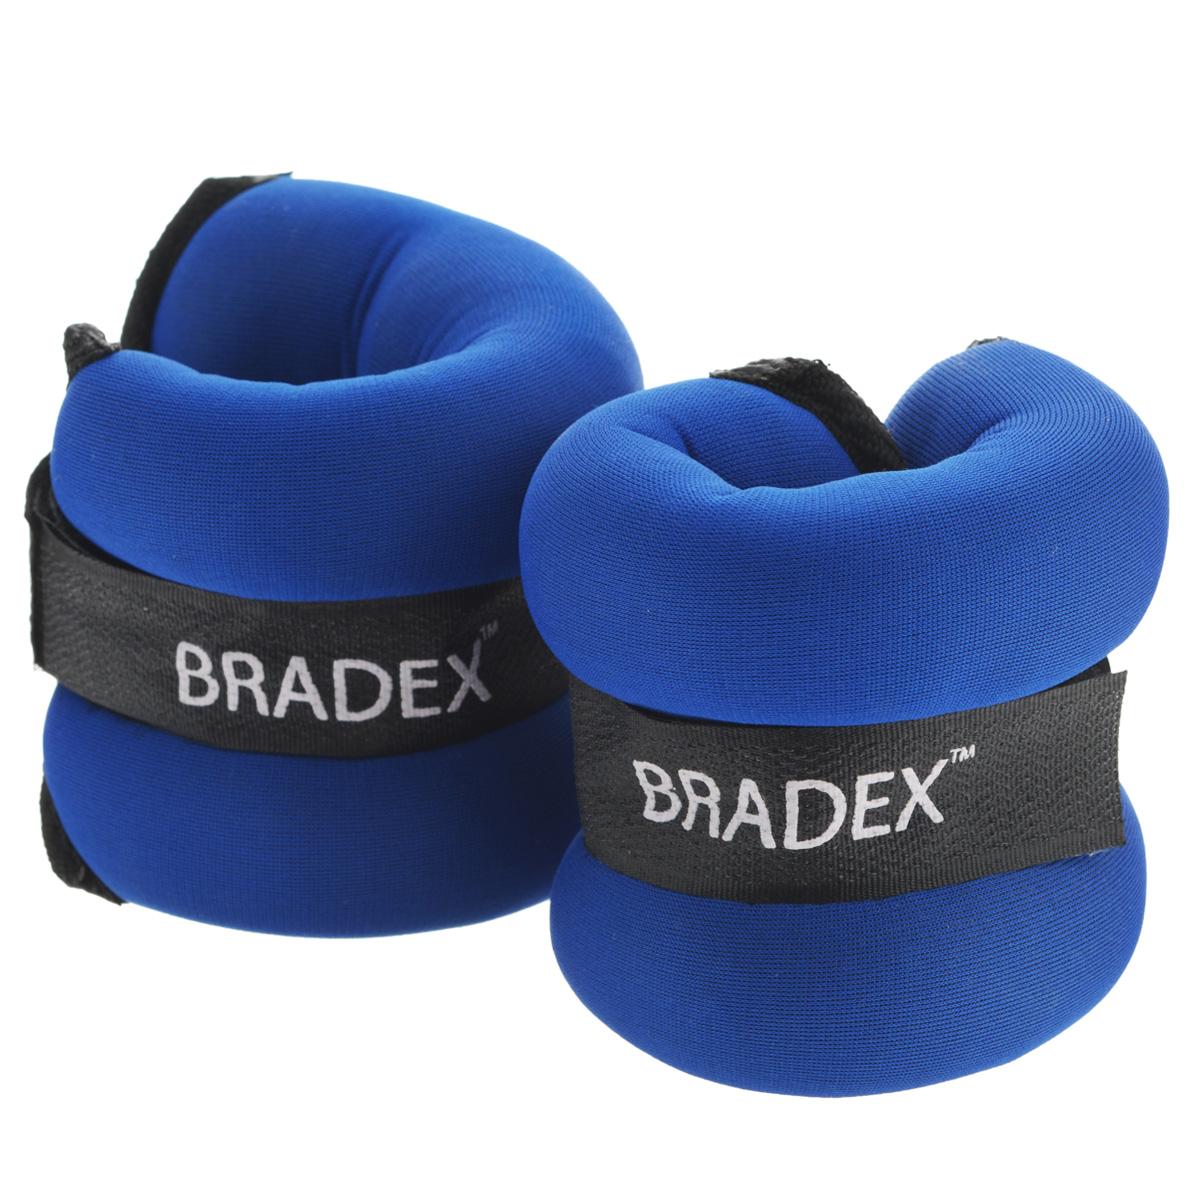 Утяжелители Bradex, 2х0,5 кгSF 0085Утяжелители Bradex придадут мышцам дополнительную нагрузку, превышающую обычный уровень их напряжения во время упражнений. Вы можете надевать их, занимаясьходьбой, бегом, гимнастикой. Эти утяжелители прочно и комфортно крепятся на запястьях и лодыжках, обеспечивая серьезную нагрузку, совершенно не сковывая движения.Таким образом, тренировке придается аэробный эффект, в умеренных количествах благотворно влияющий на состояние сердца. Используя утяжелители, вы повысите результативность упражнений, быстрее избавитесь от лишнего веса, подготовите тело к усложненной программе тренировок.Утяжелители фиксируются благодаря липучкам.Характеристики:Материал: ПВХ, нейлон. Наполнитель: металлические шарики. Размер утяжелителя (без фиксаторов): 20 см х 9 см х 3 см.Вес: 2 х 0,5 кг. Размер упаковки: 16 см х 8,5 см х 6,5 см. Производитель: Китай. Артикул: SF0014.